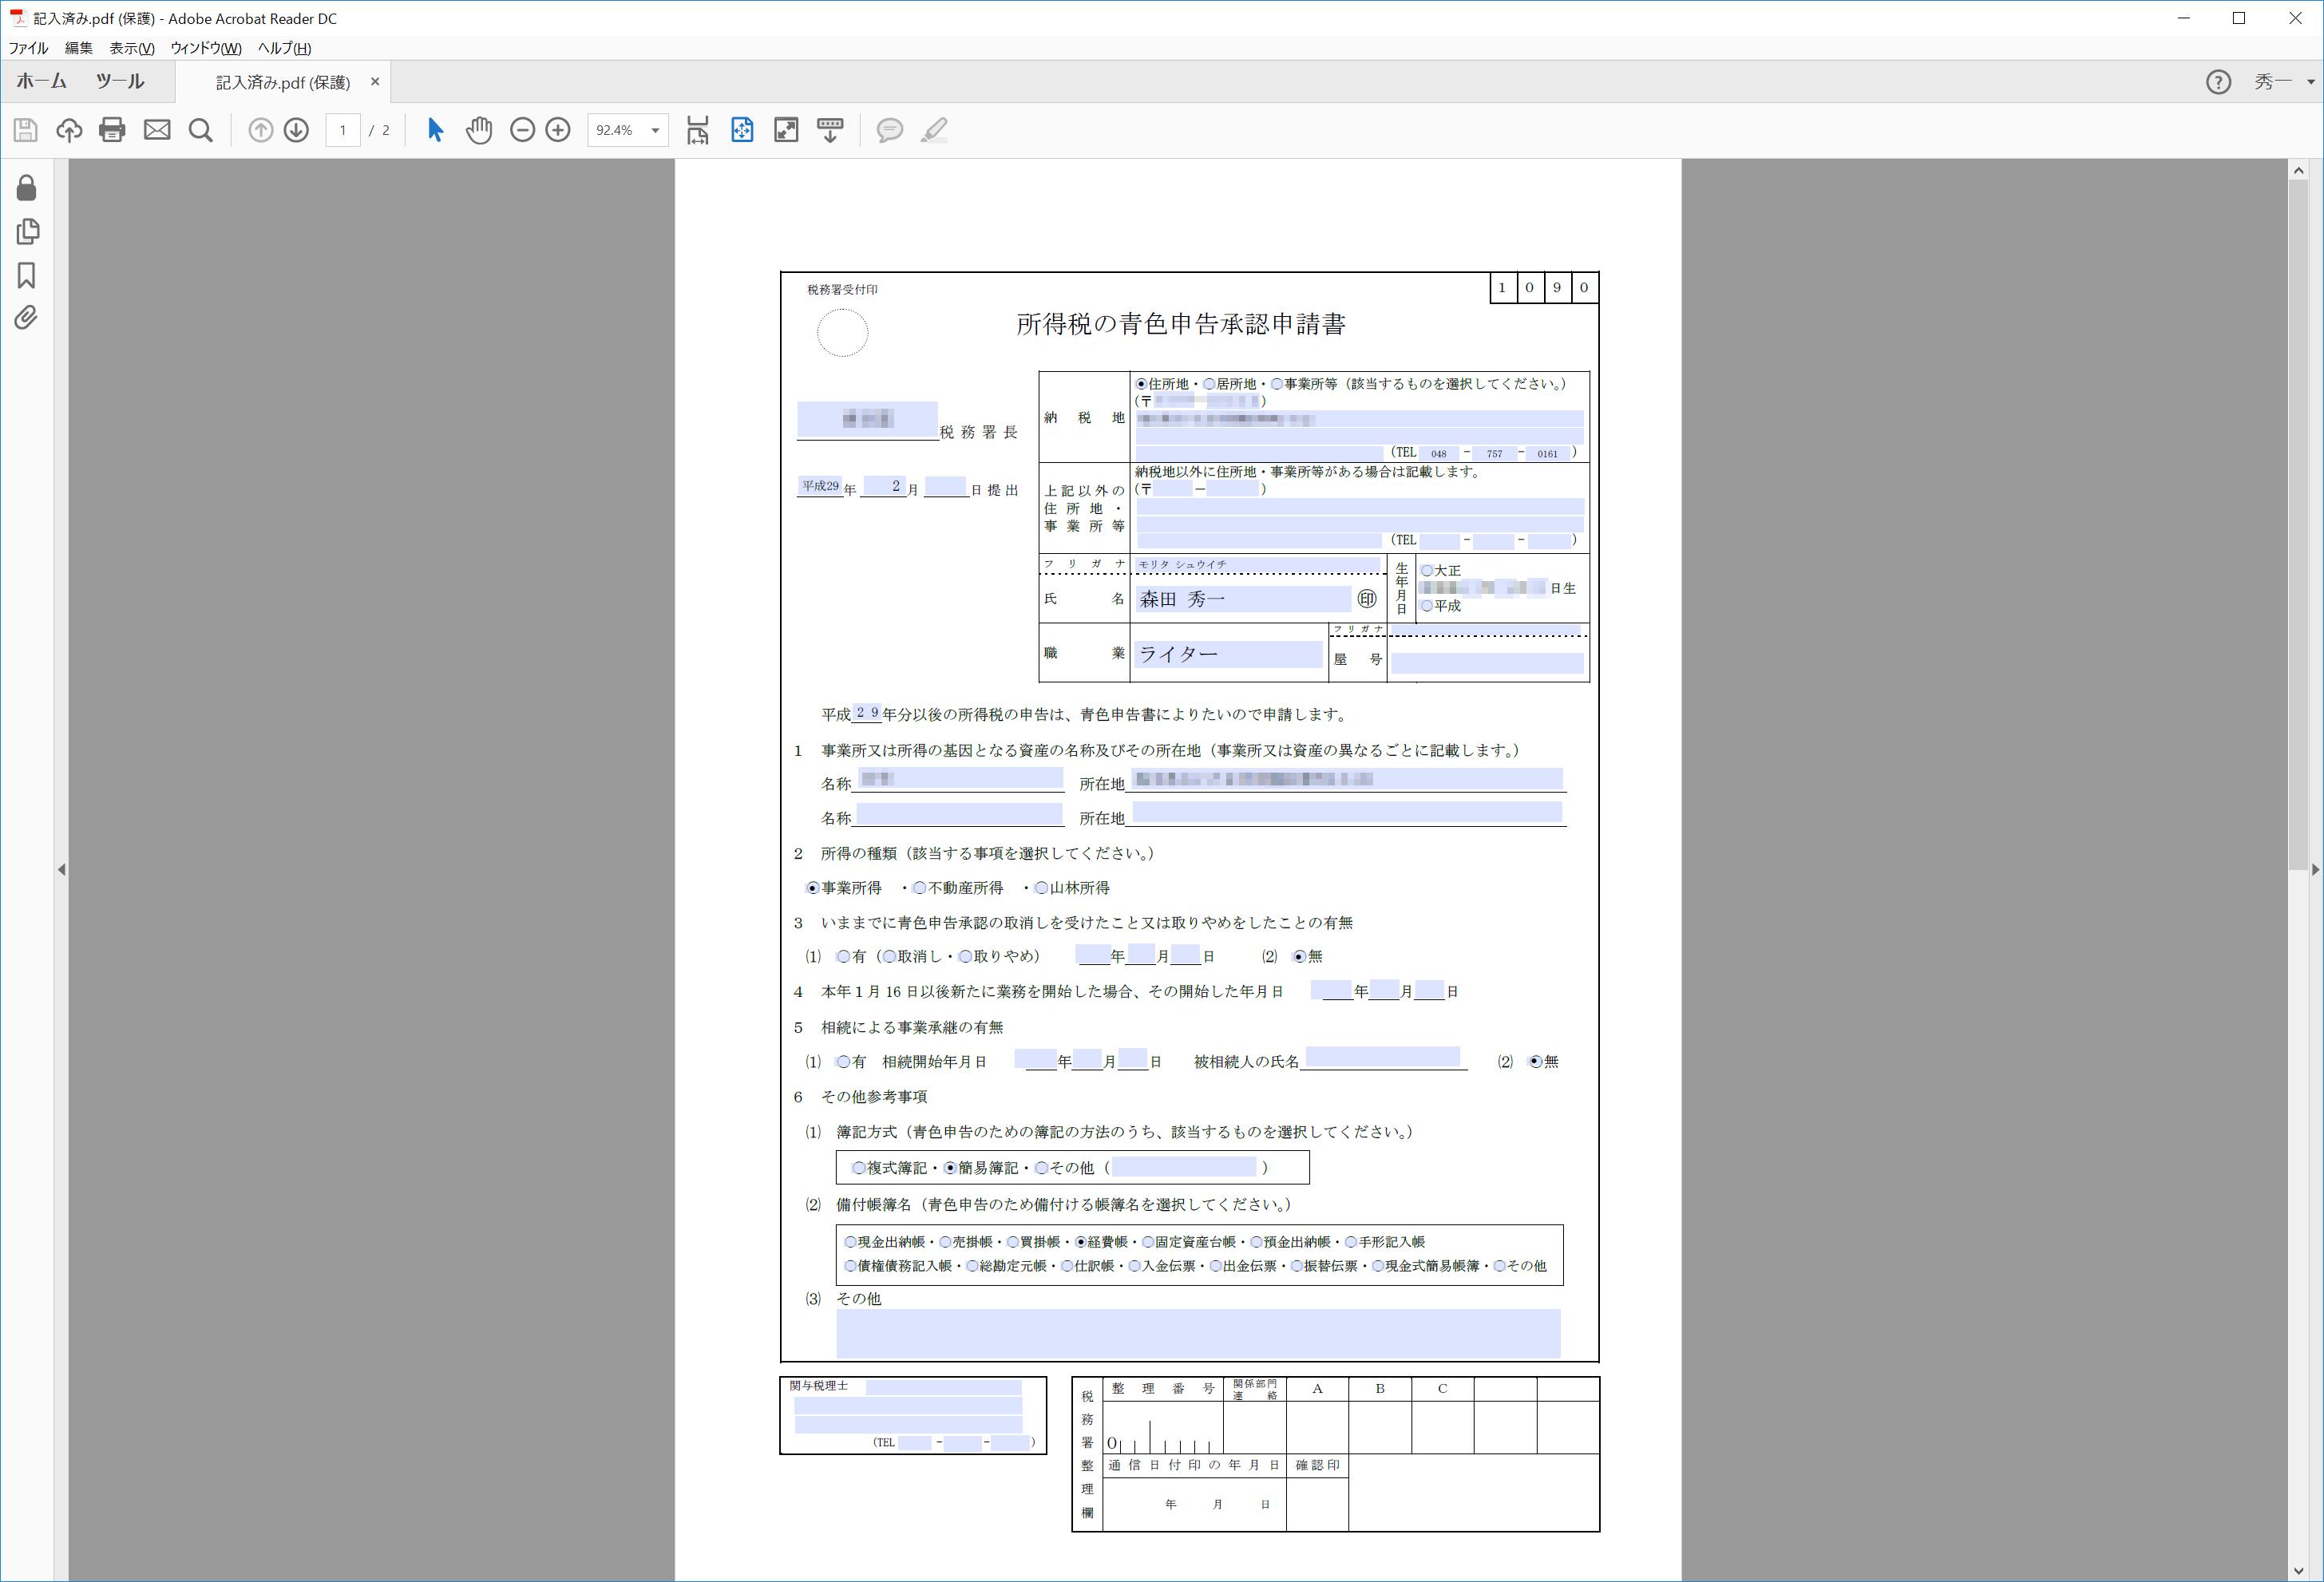 「青色申告承認申請書」に必要事項を記入して、所轄の税務署へ提出(郵送可)することから、すべてが始まる